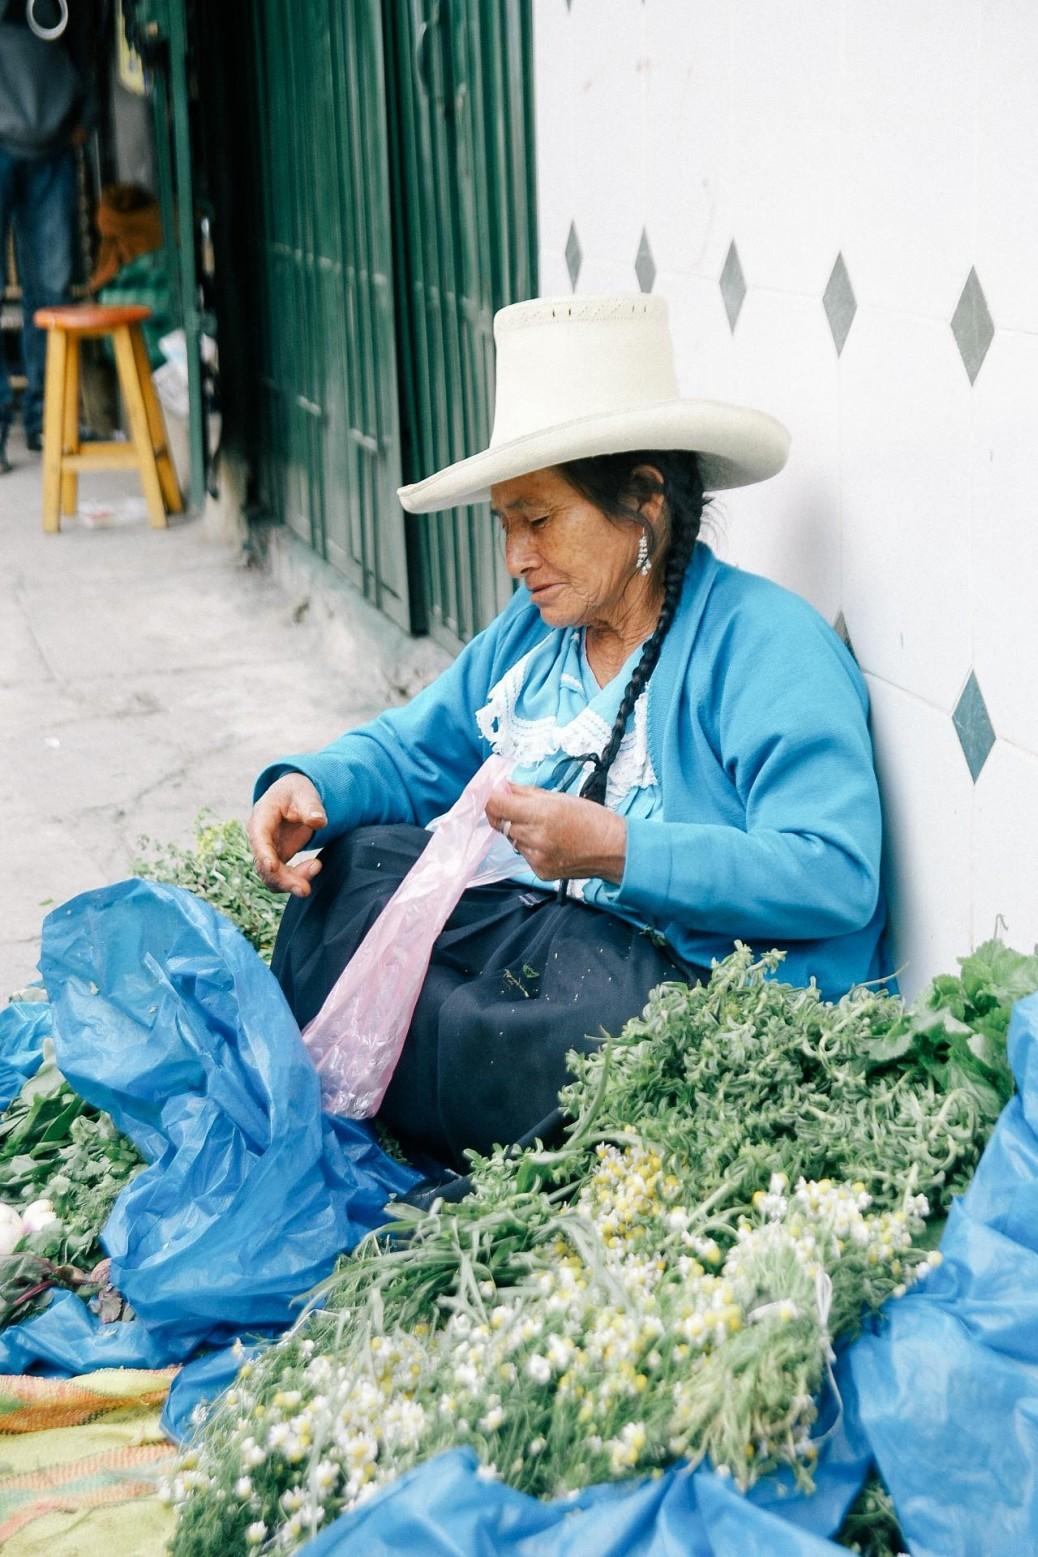 ペルーでは生のハーブがわさわさと売られている これを煮出してお茶にして飲む